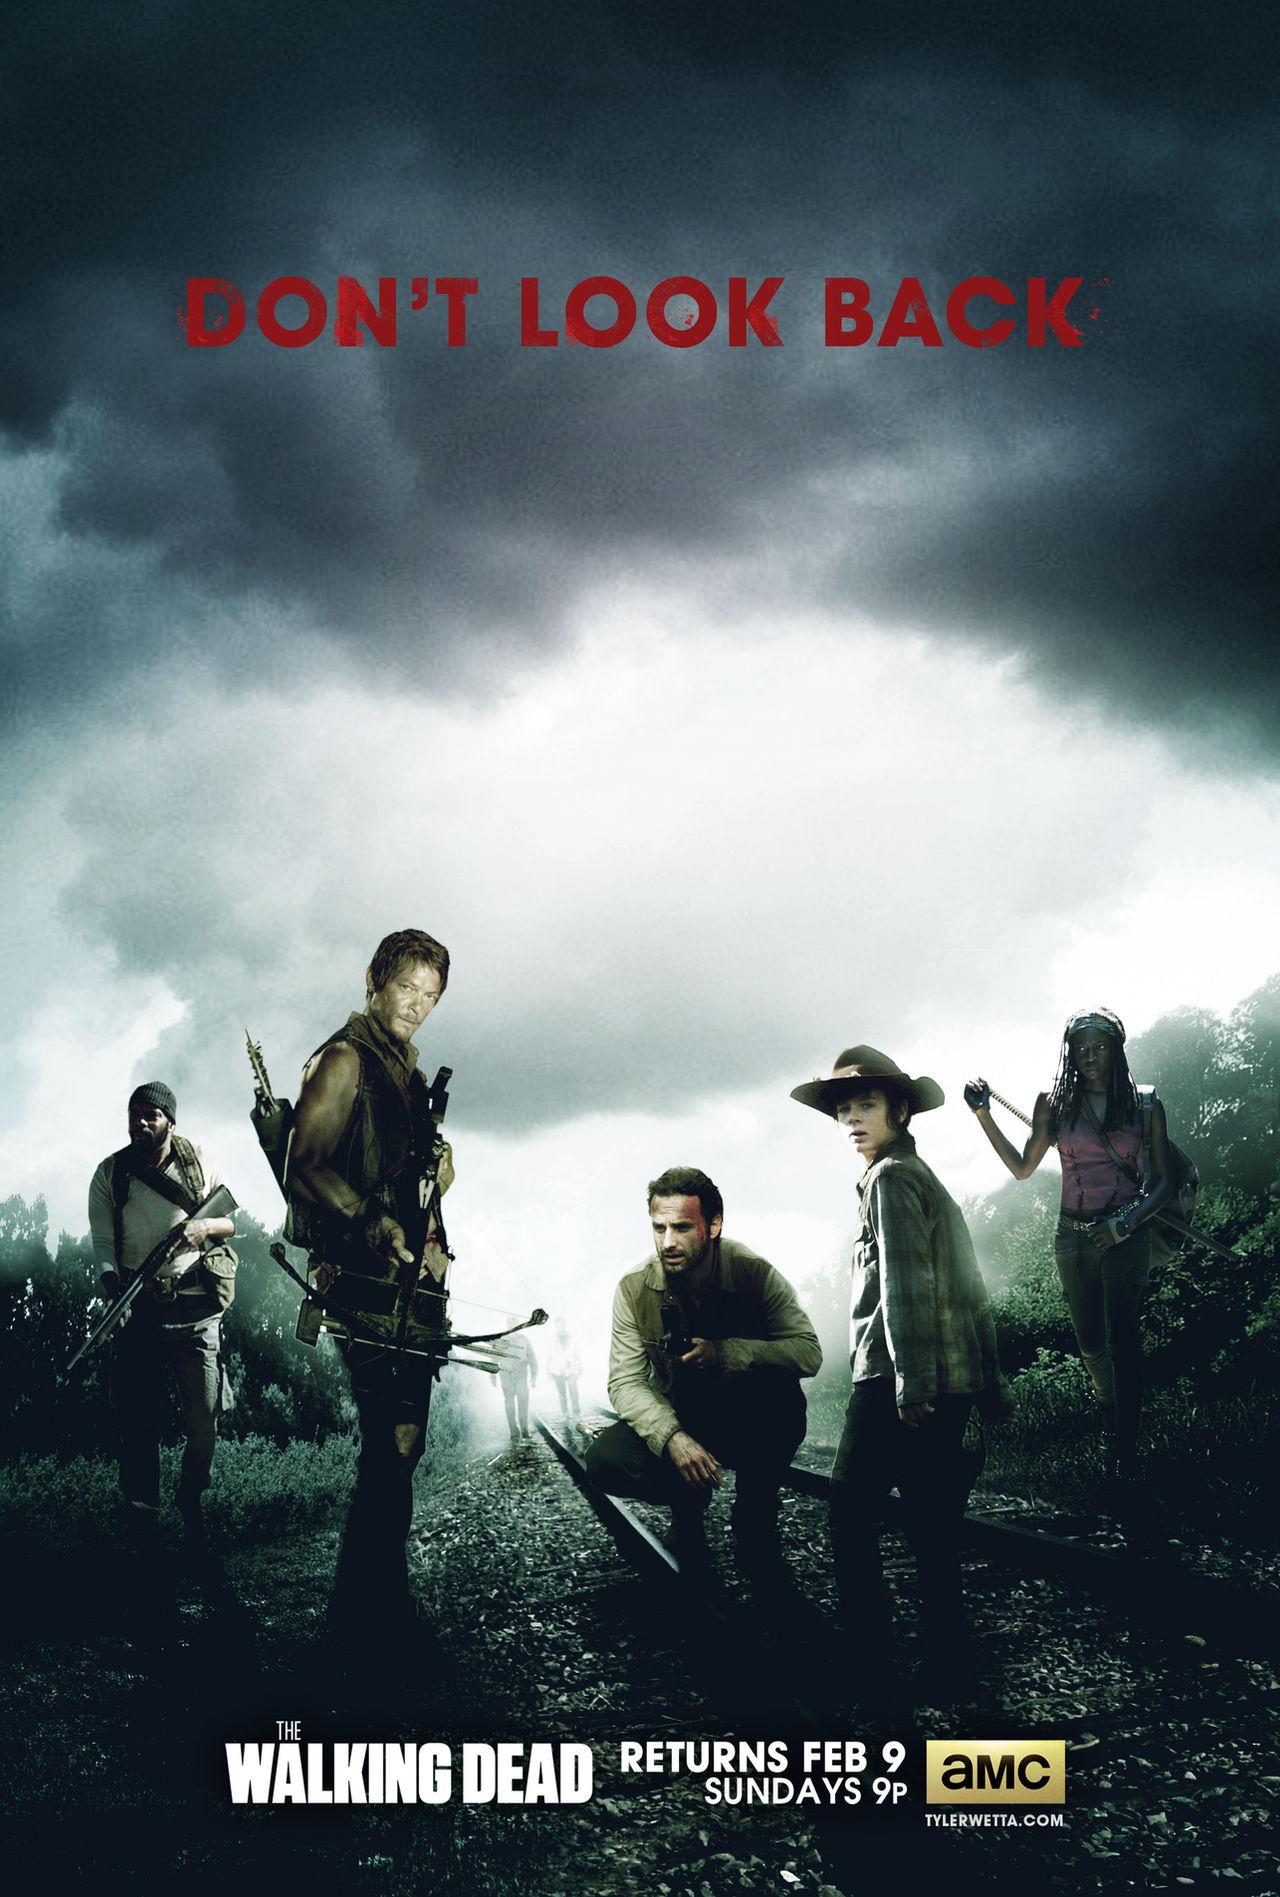 The Walking Dead Poster - Season 4